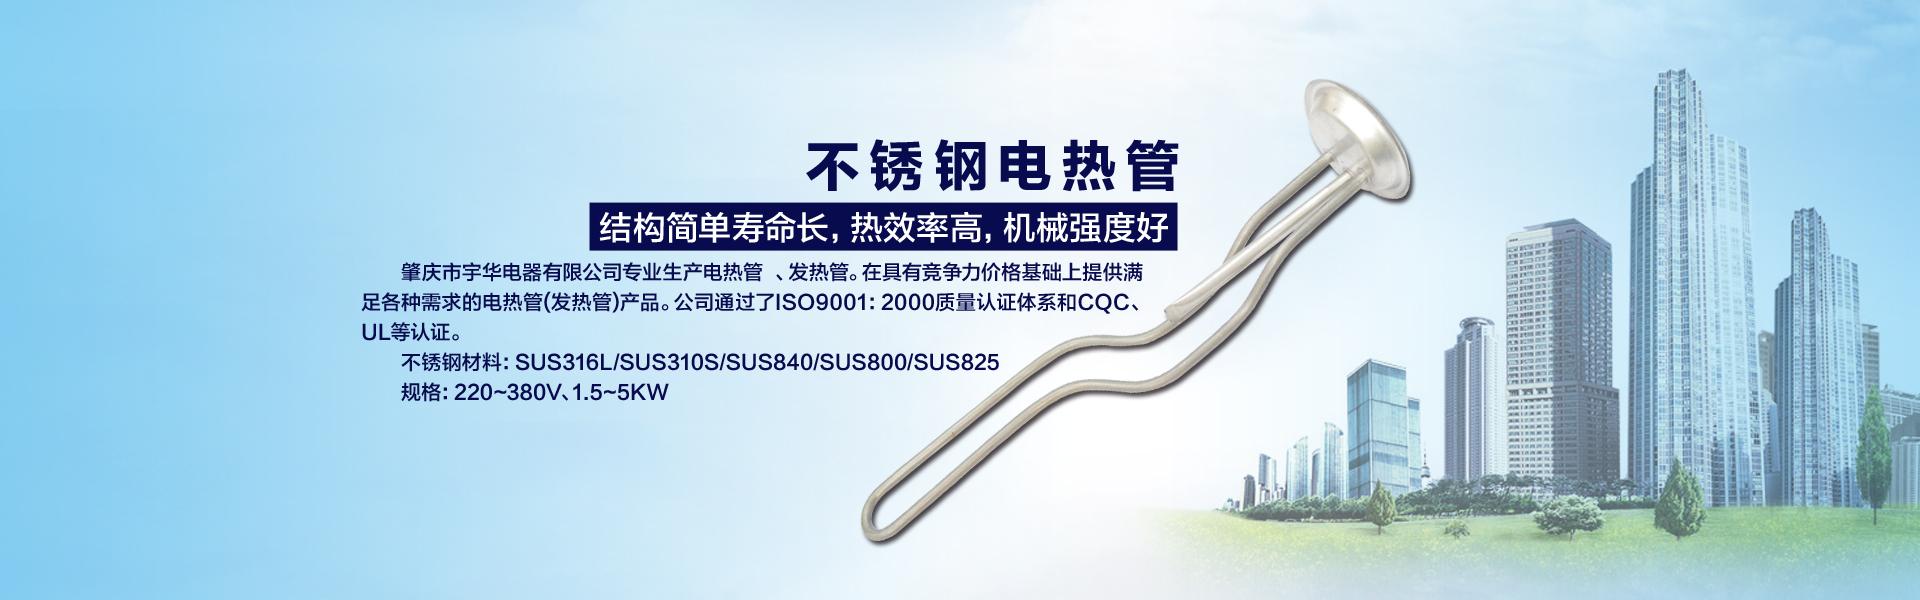 肇慶市宇華電器有限公司專業生產家用電熱水器,單頭電熱管和不鏽鋼電熱管。